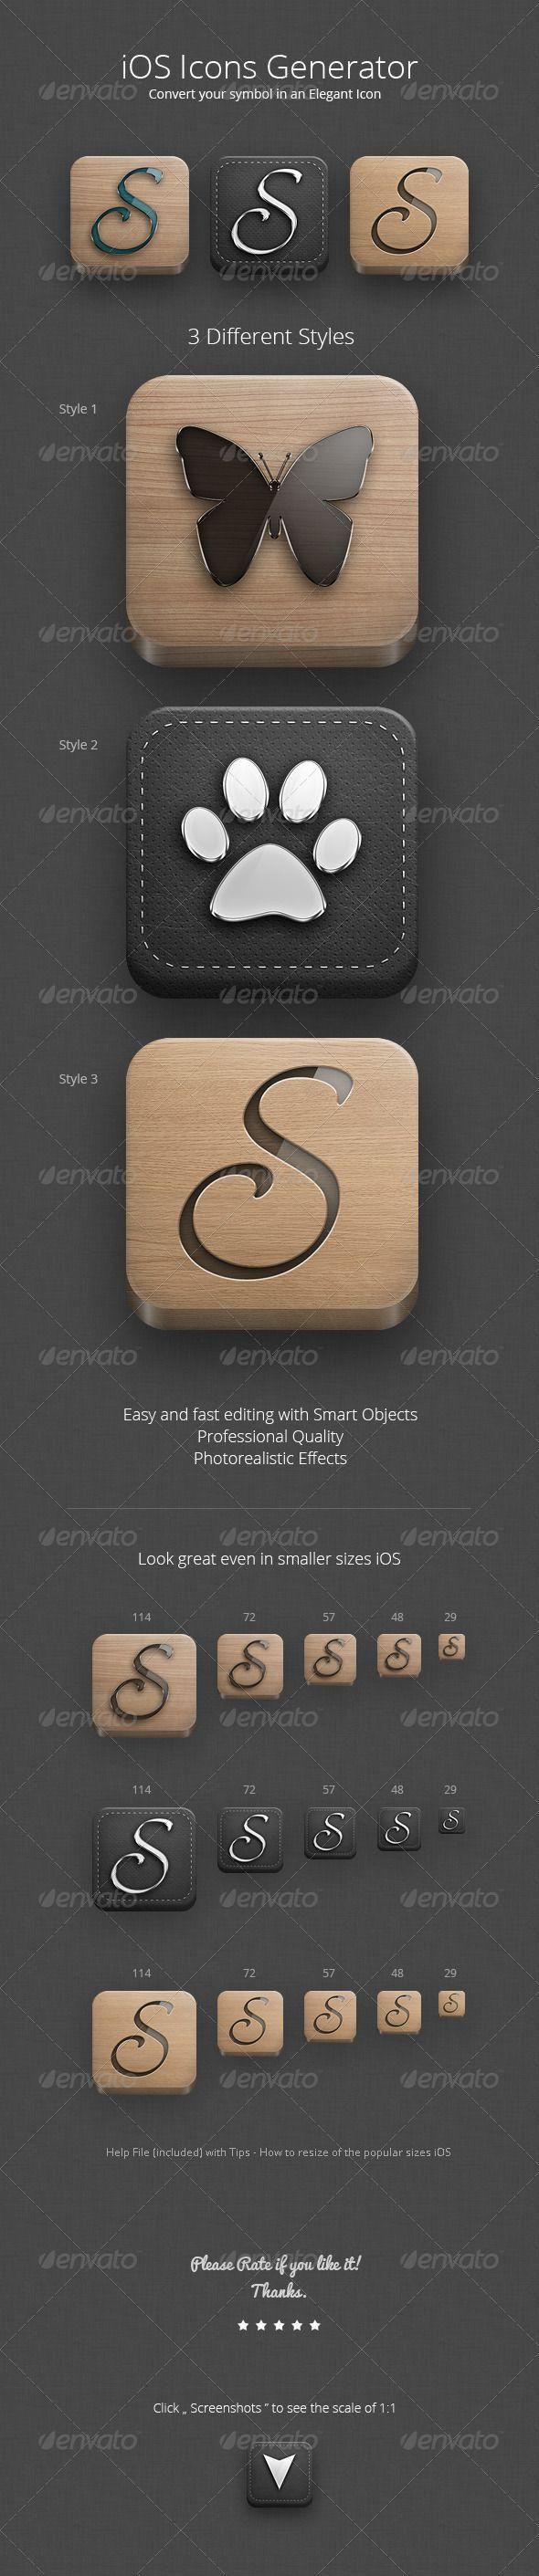 Icons - iOS Icons Generator